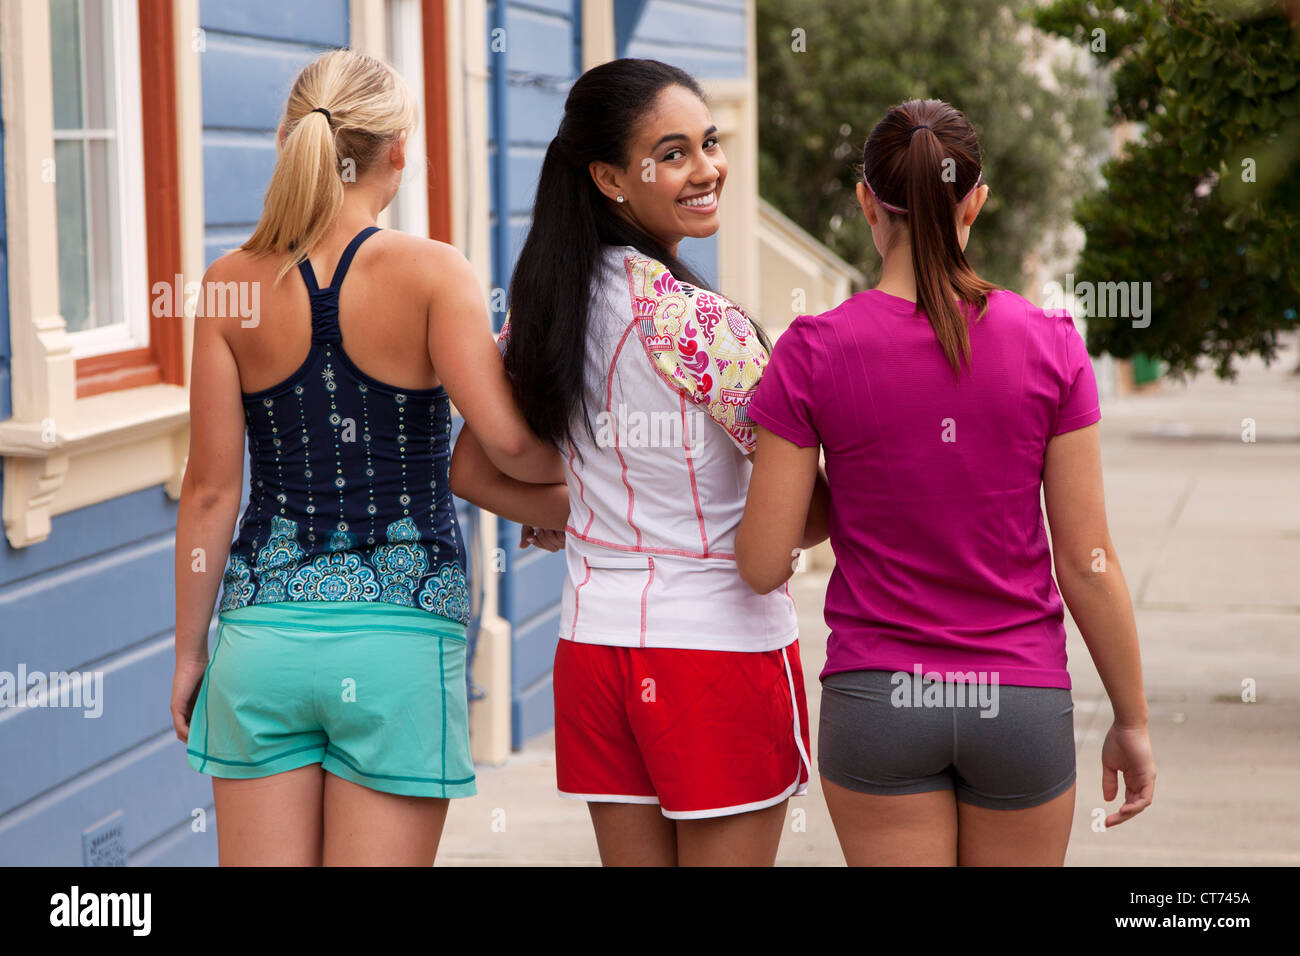 Tre ragazze in abbigliamento fitness sono a piedi giù per la strada. Immagini Stock